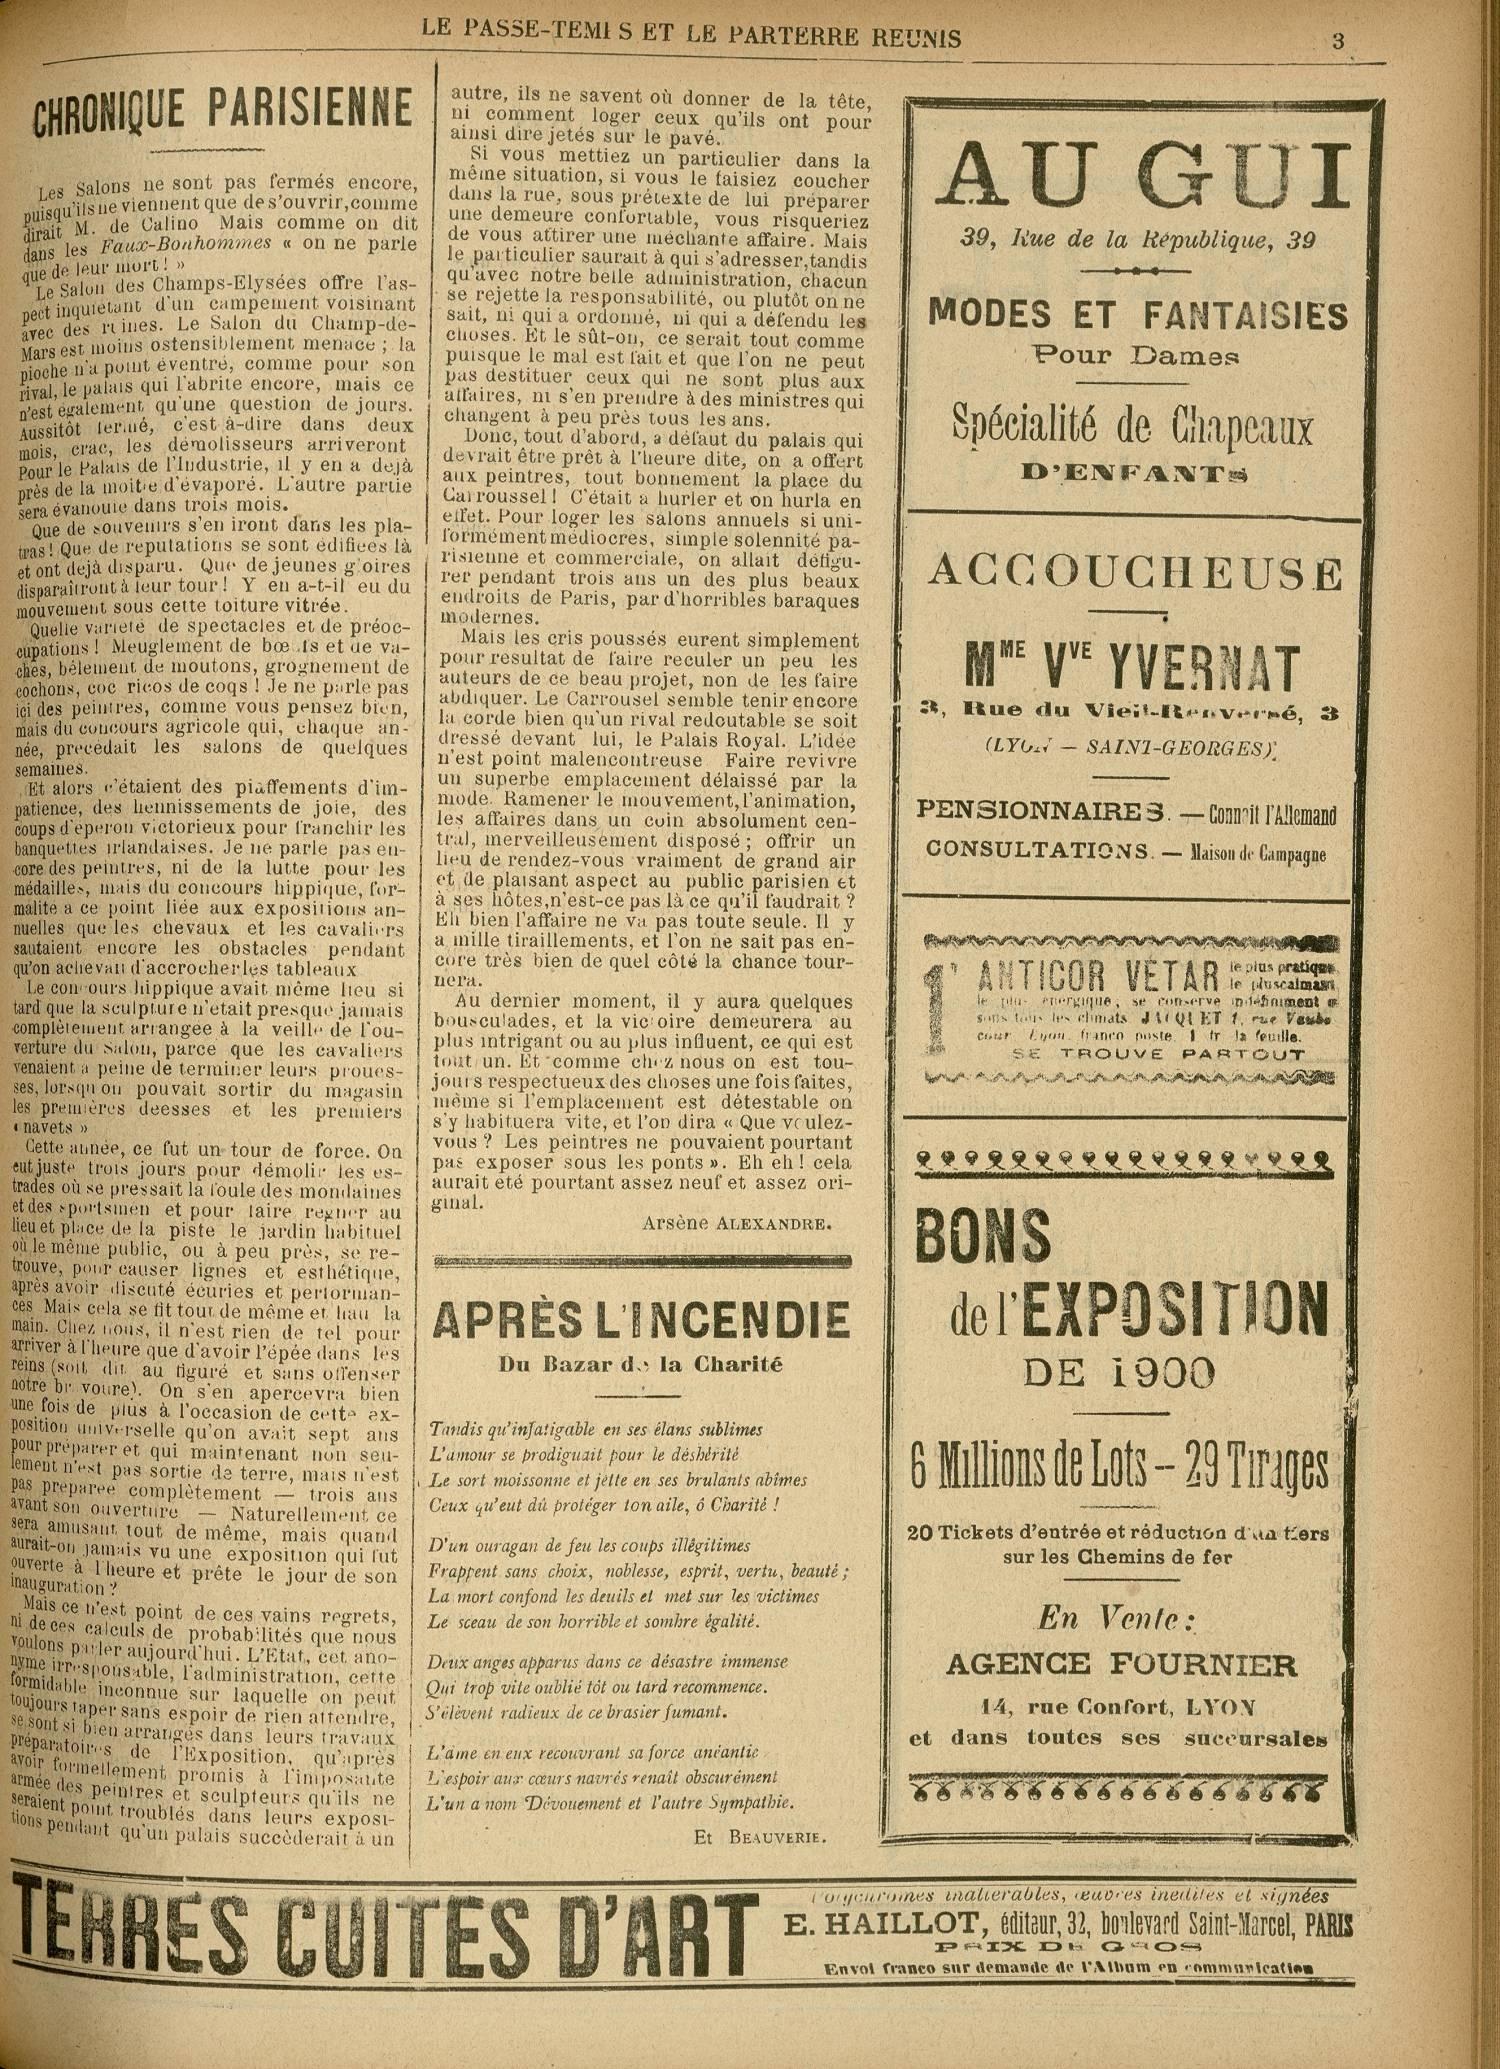 Contenu textuel de l'image : APRÈS L'INCENDIE